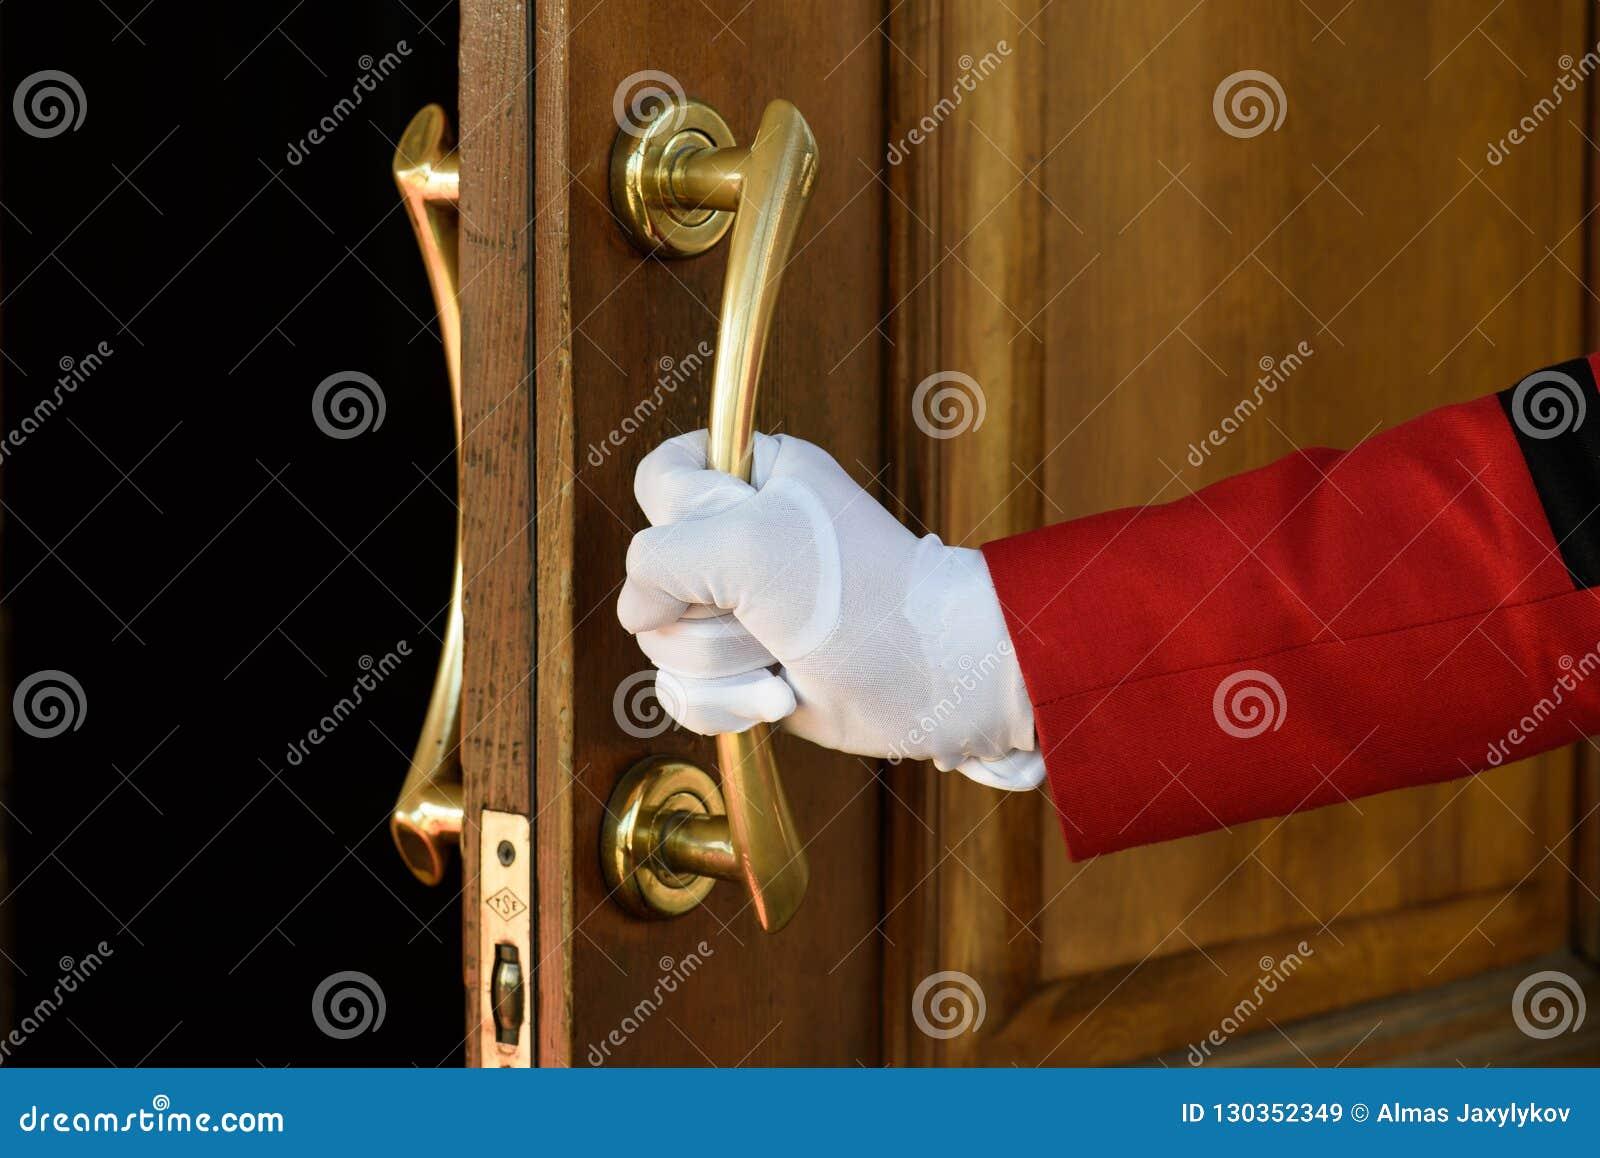 The doorman opens the hotel door hands in white gloves